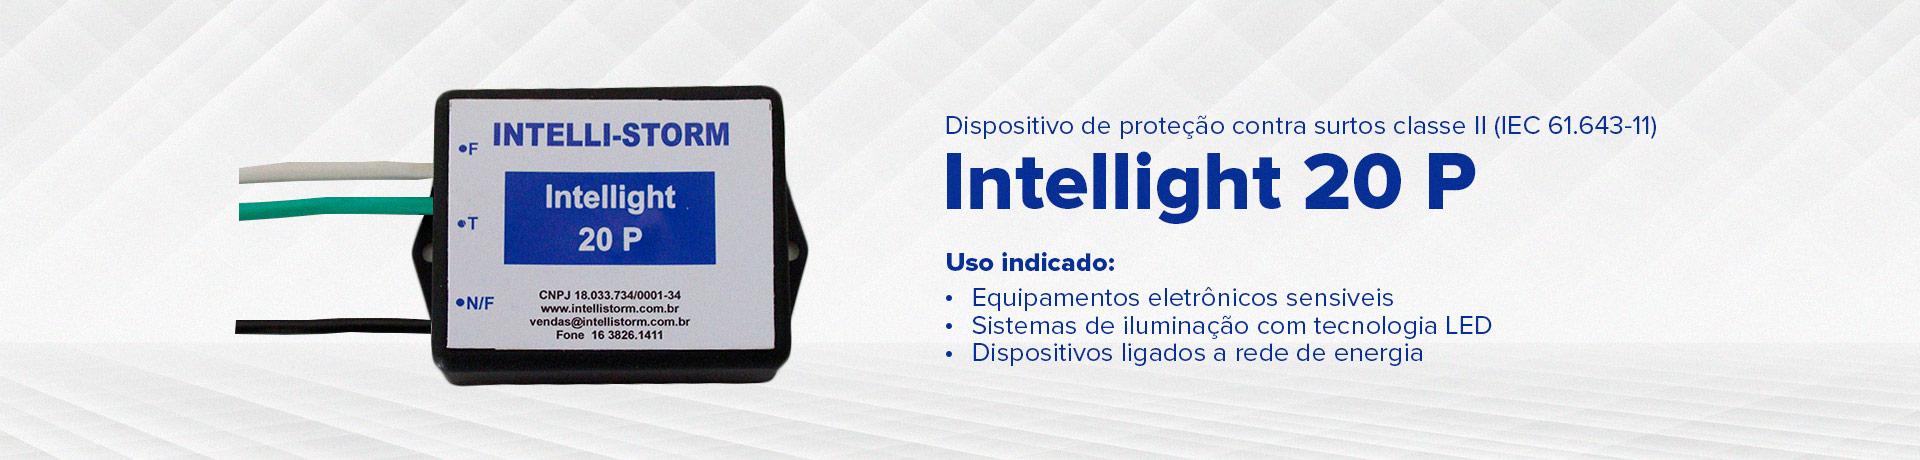 Intellight-20P